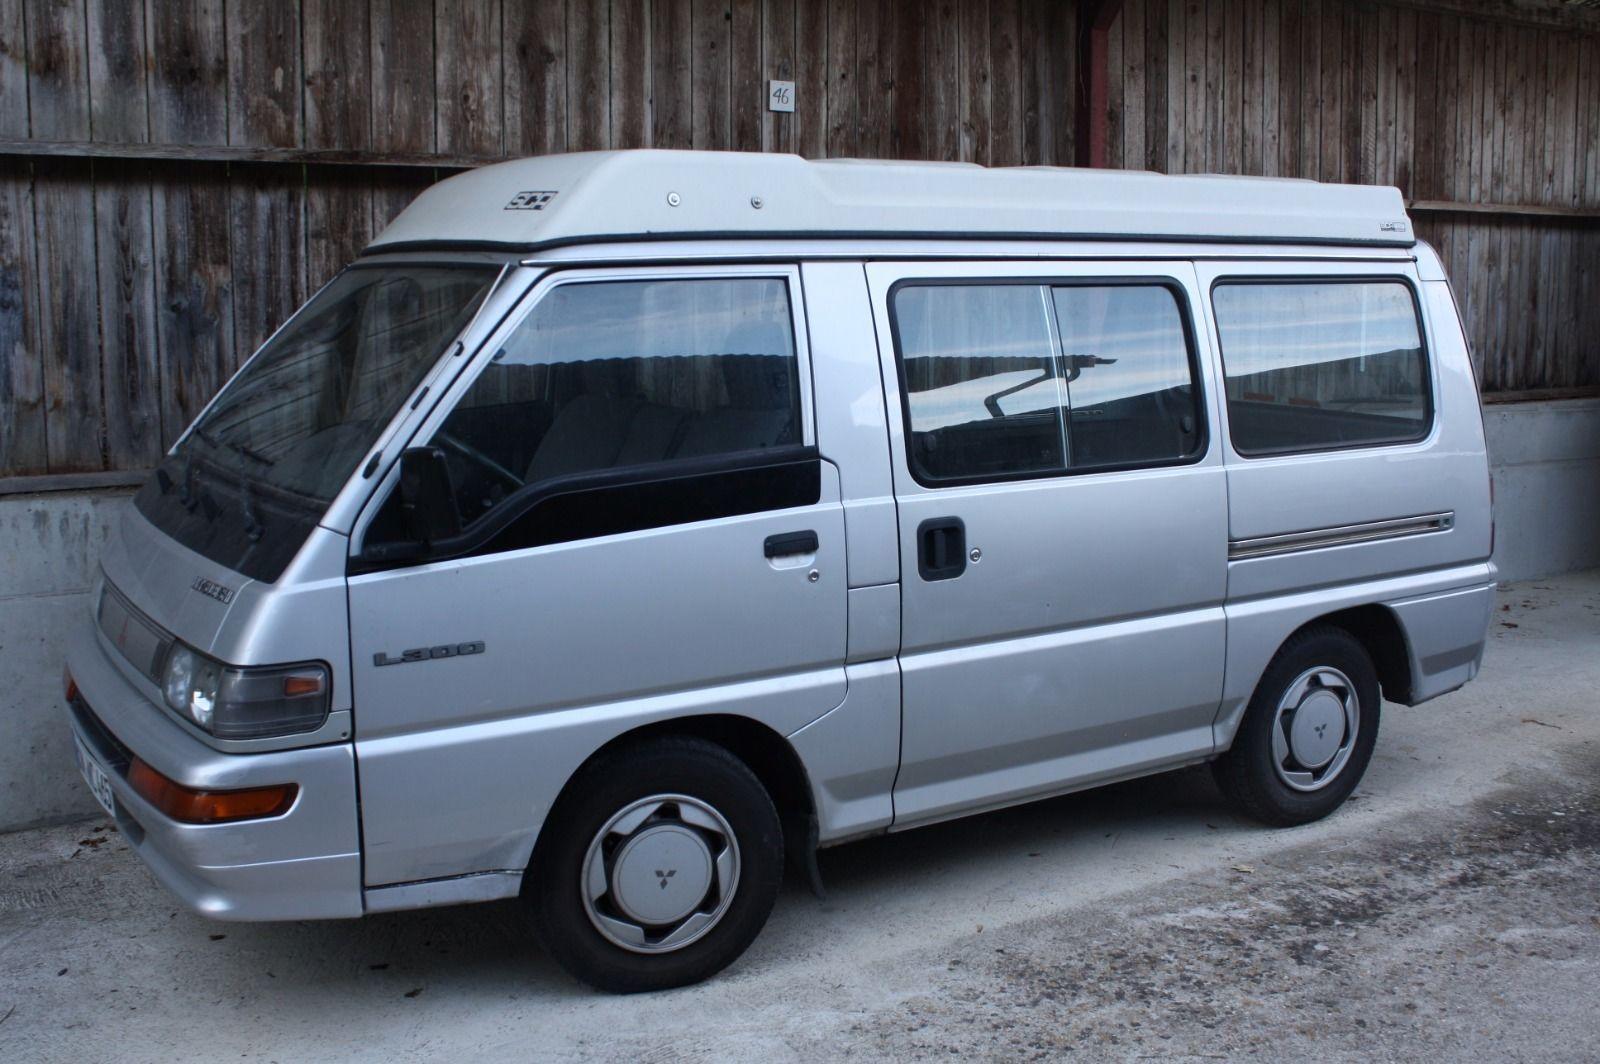 mitsubishi l300 wohnmobil ebay motorhome campers. Black Bedroom Furniture Sets. Home Design Ideas